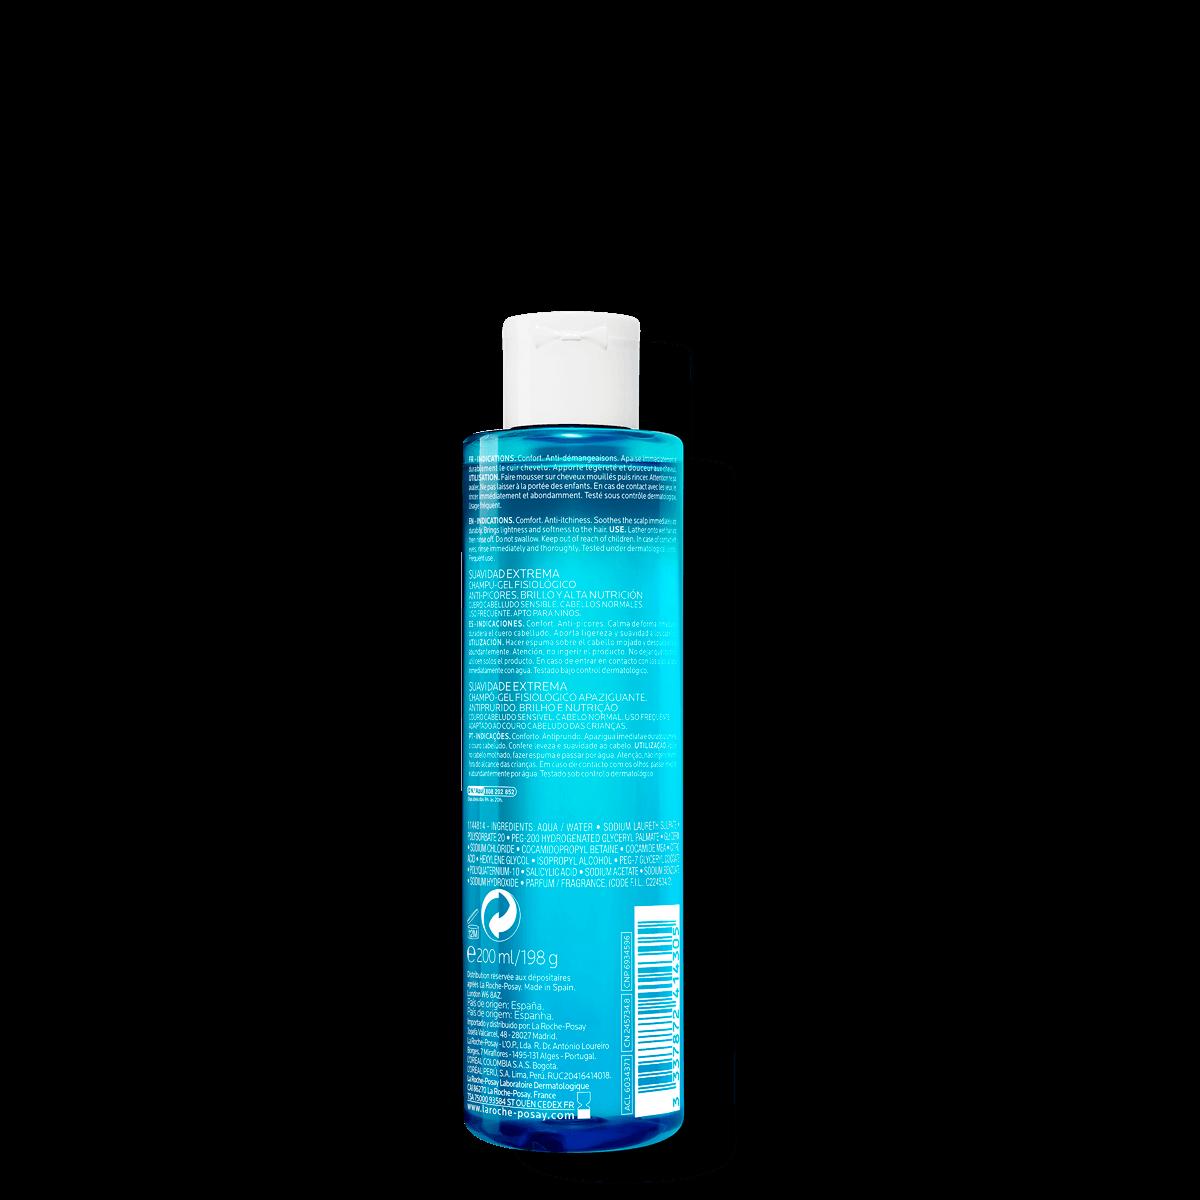 La Roche Posay ProduktSide Kerium Extra Gentle Gel Shampoo 200ml 33378